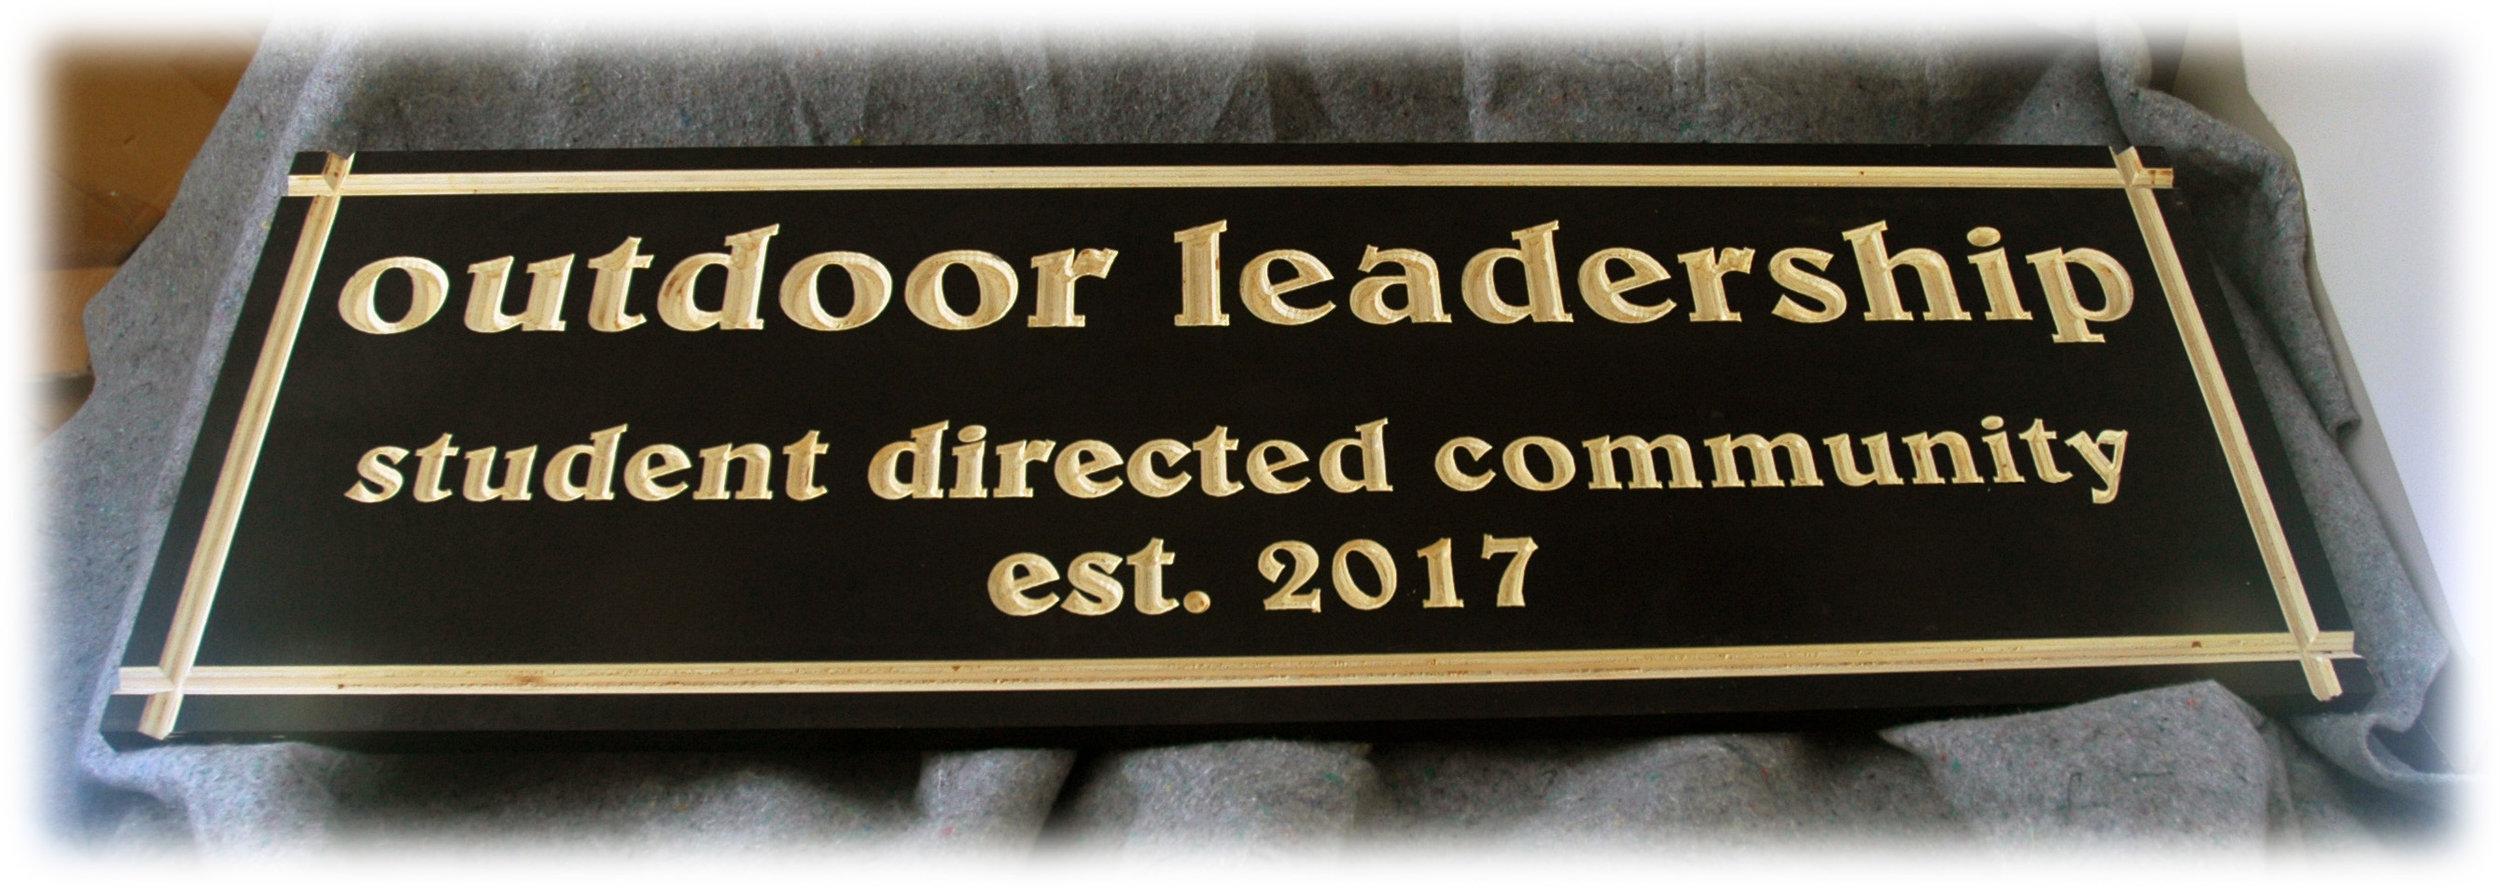 Outdoor Leadership.jpg